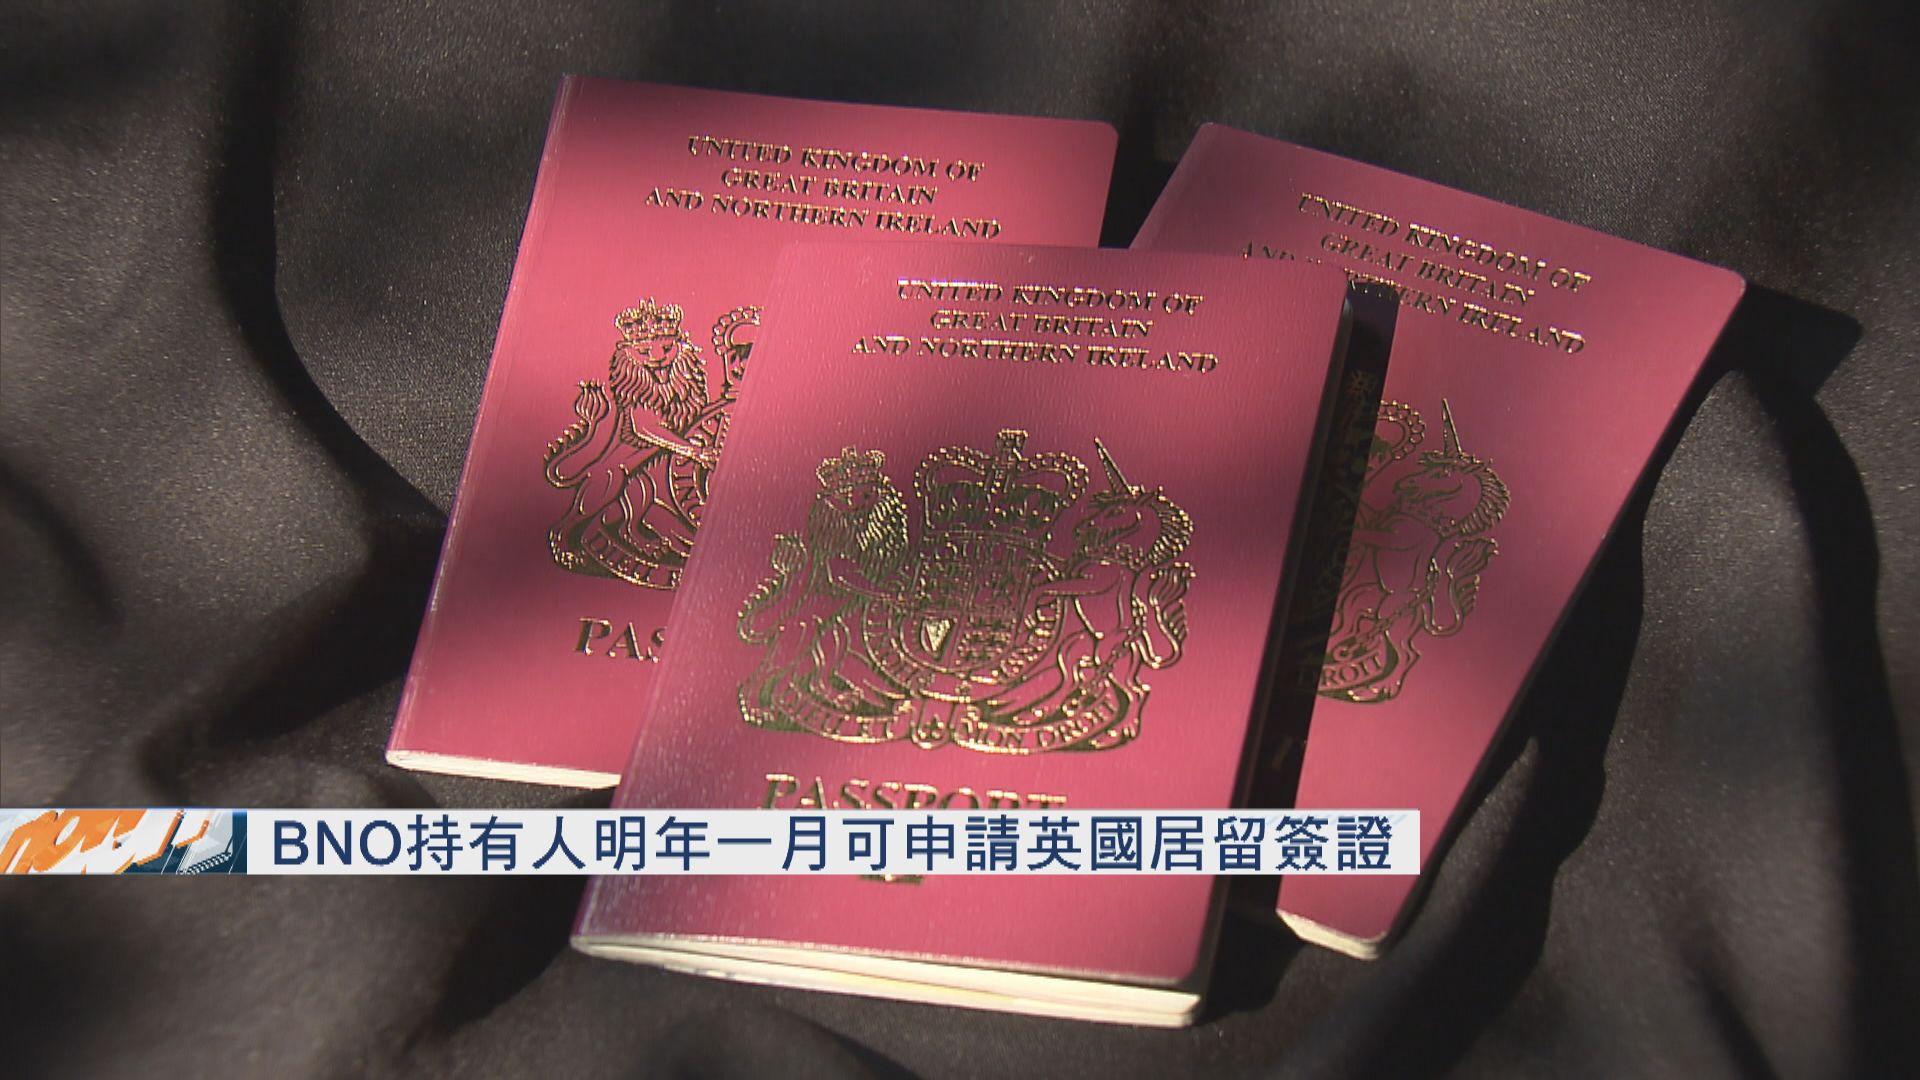 BNO持有人明年一月可申請英國居留簽證 需提供財務證明